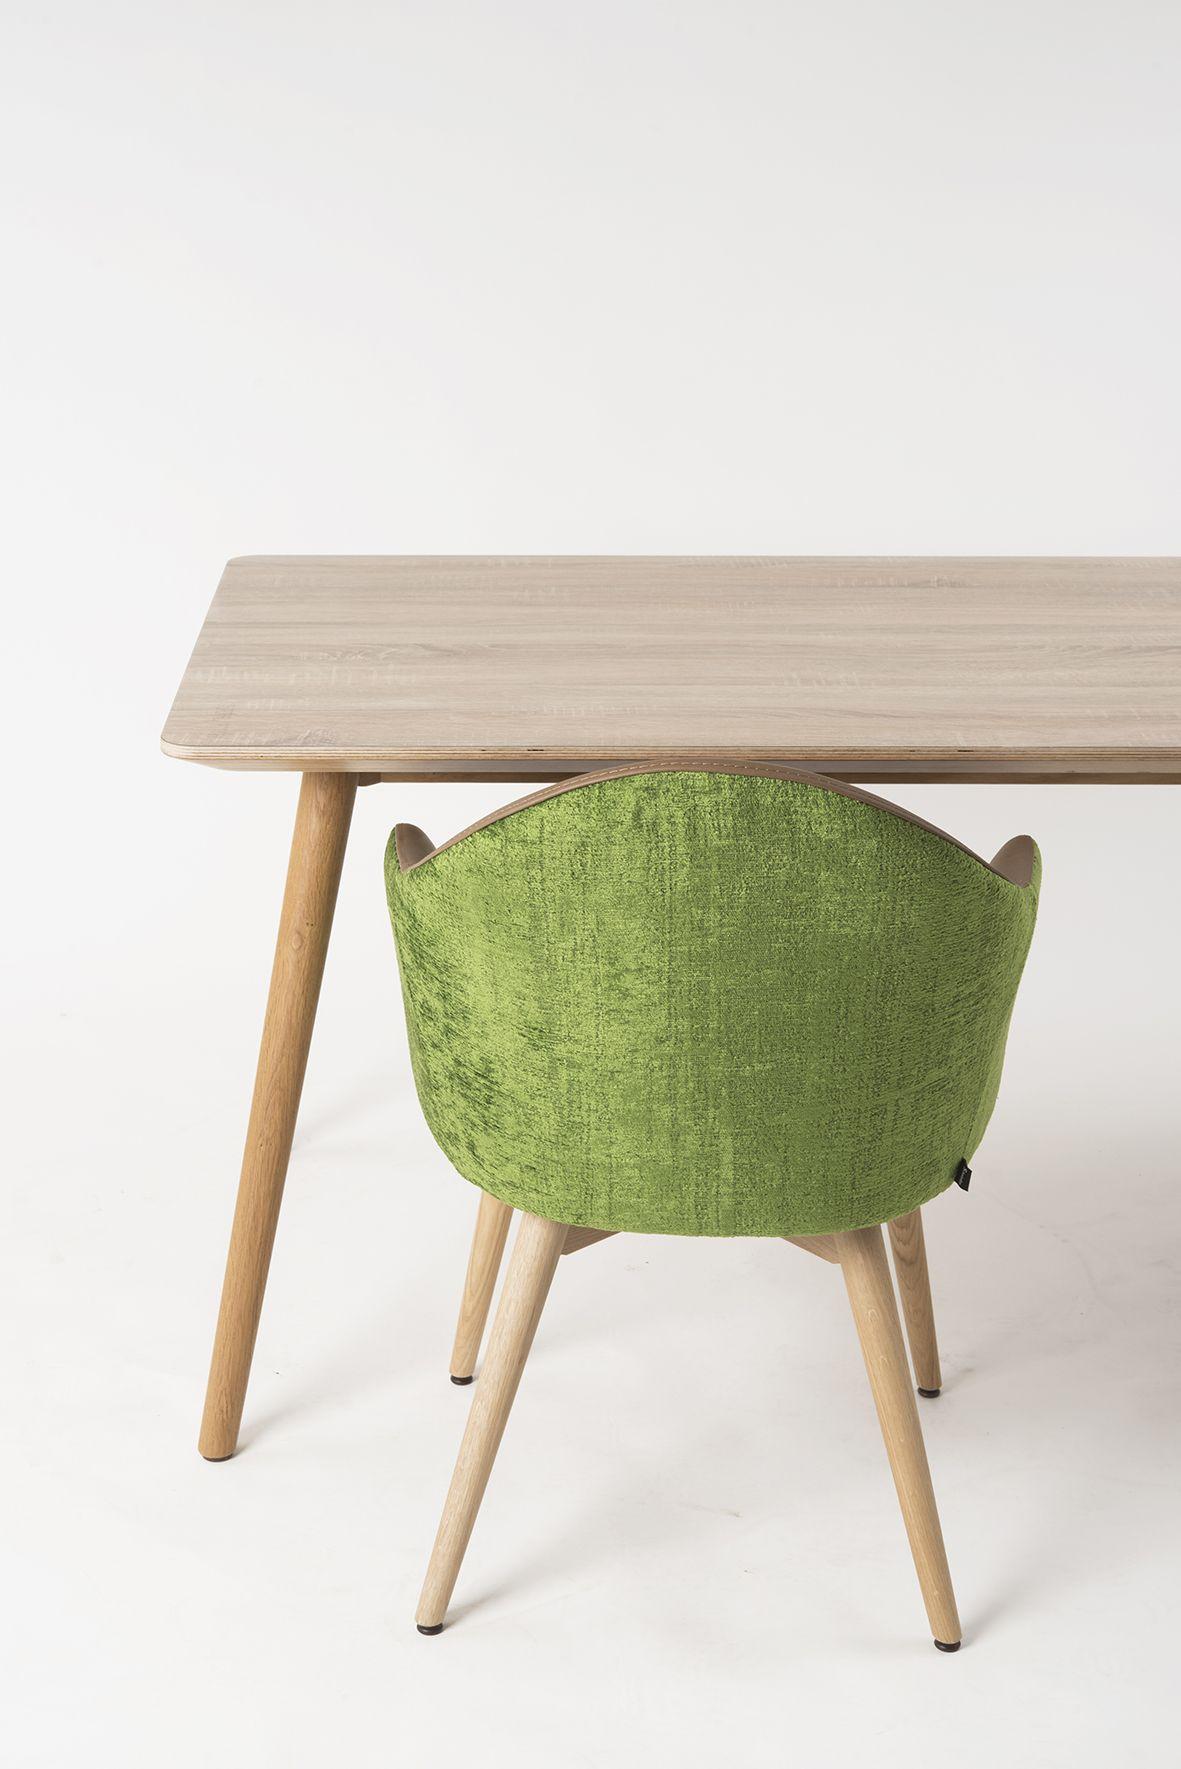 Gastro Tisch 30118 Stuhlfabrik Schnieder Gastronomie Mobel Gastronomie Mobel Dekorationen Fur Zu Hause Gastro Tische